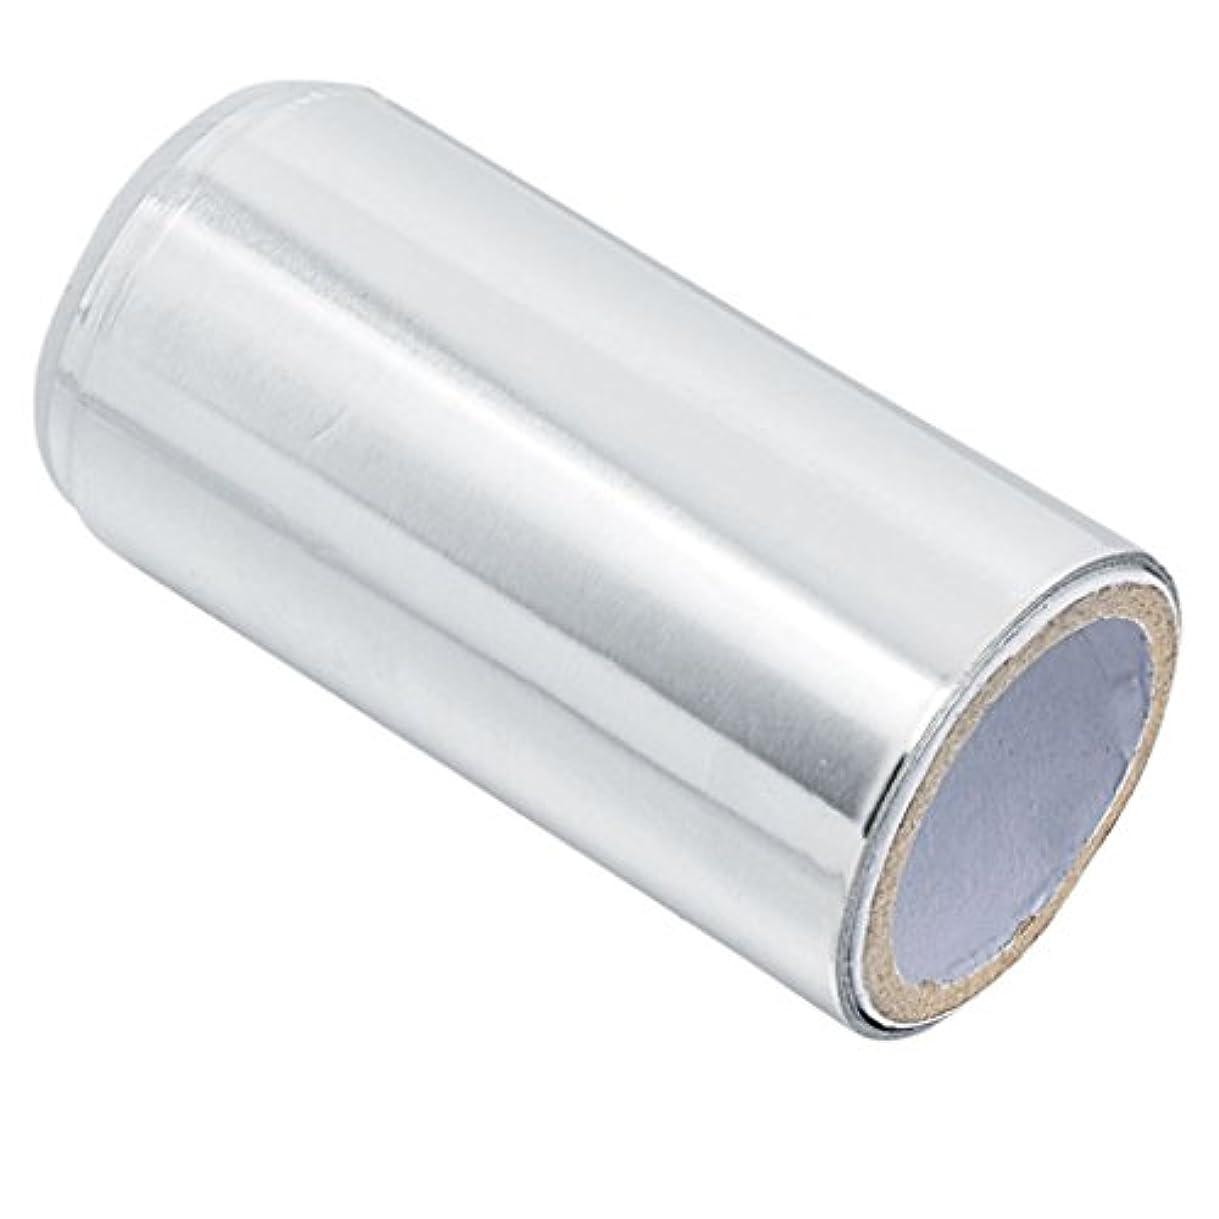 ラボ噴水薬理学マニキュア錫箔紙 ヘア/ネイル用 ジェル除却 ヘアパーマ 約5m